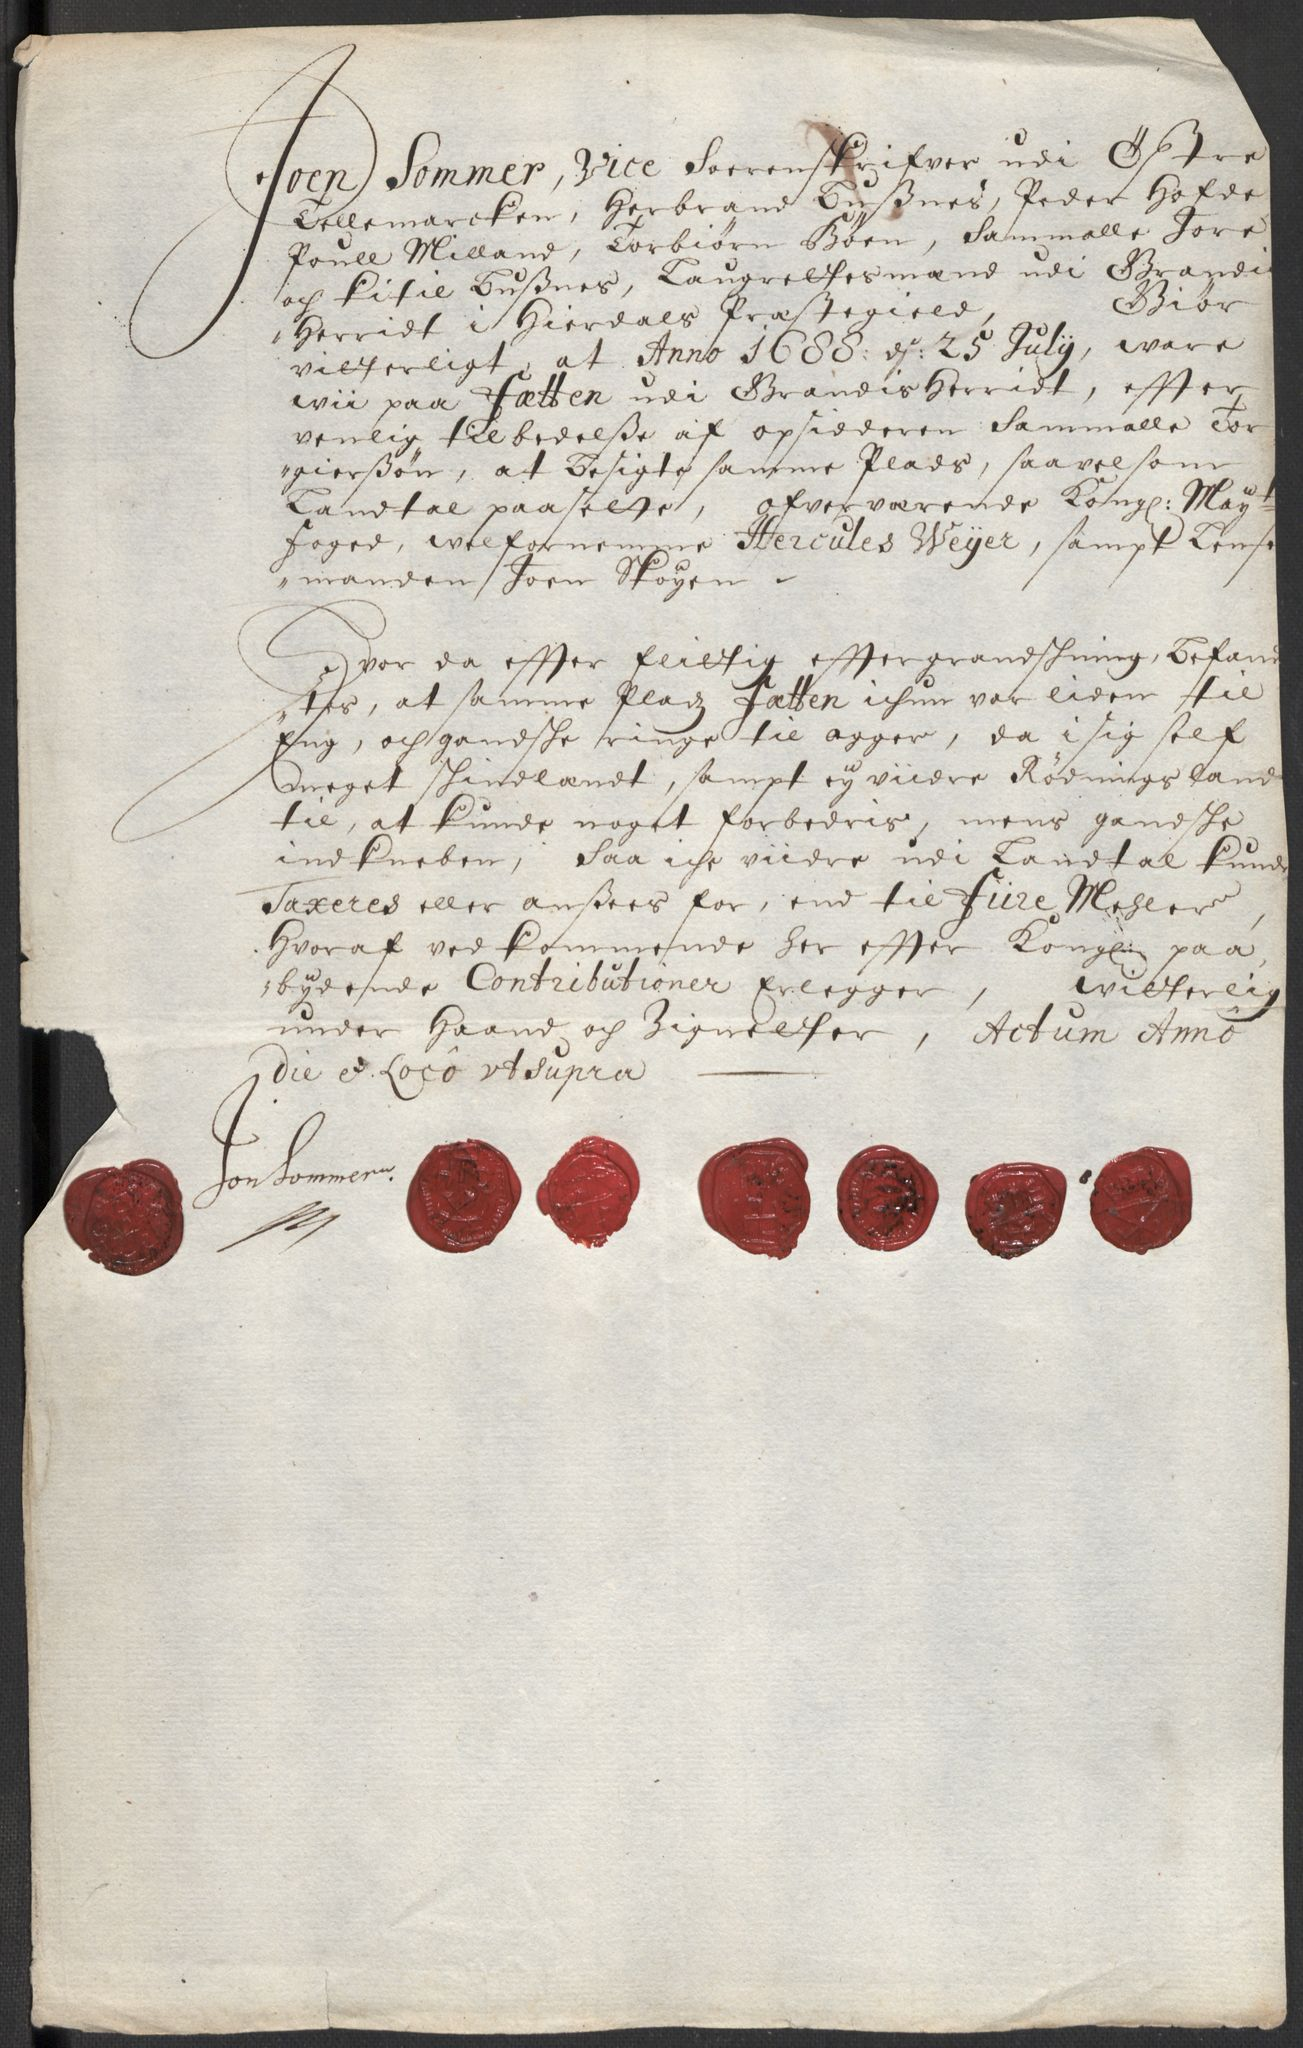 RA, Rentekammeret inntil 1814, Reviderte regnskaper, Fogderegnskap, R35/L2087: Fogderegnskap Øvre og Nedre Telemark, 1687-1689, s. 22